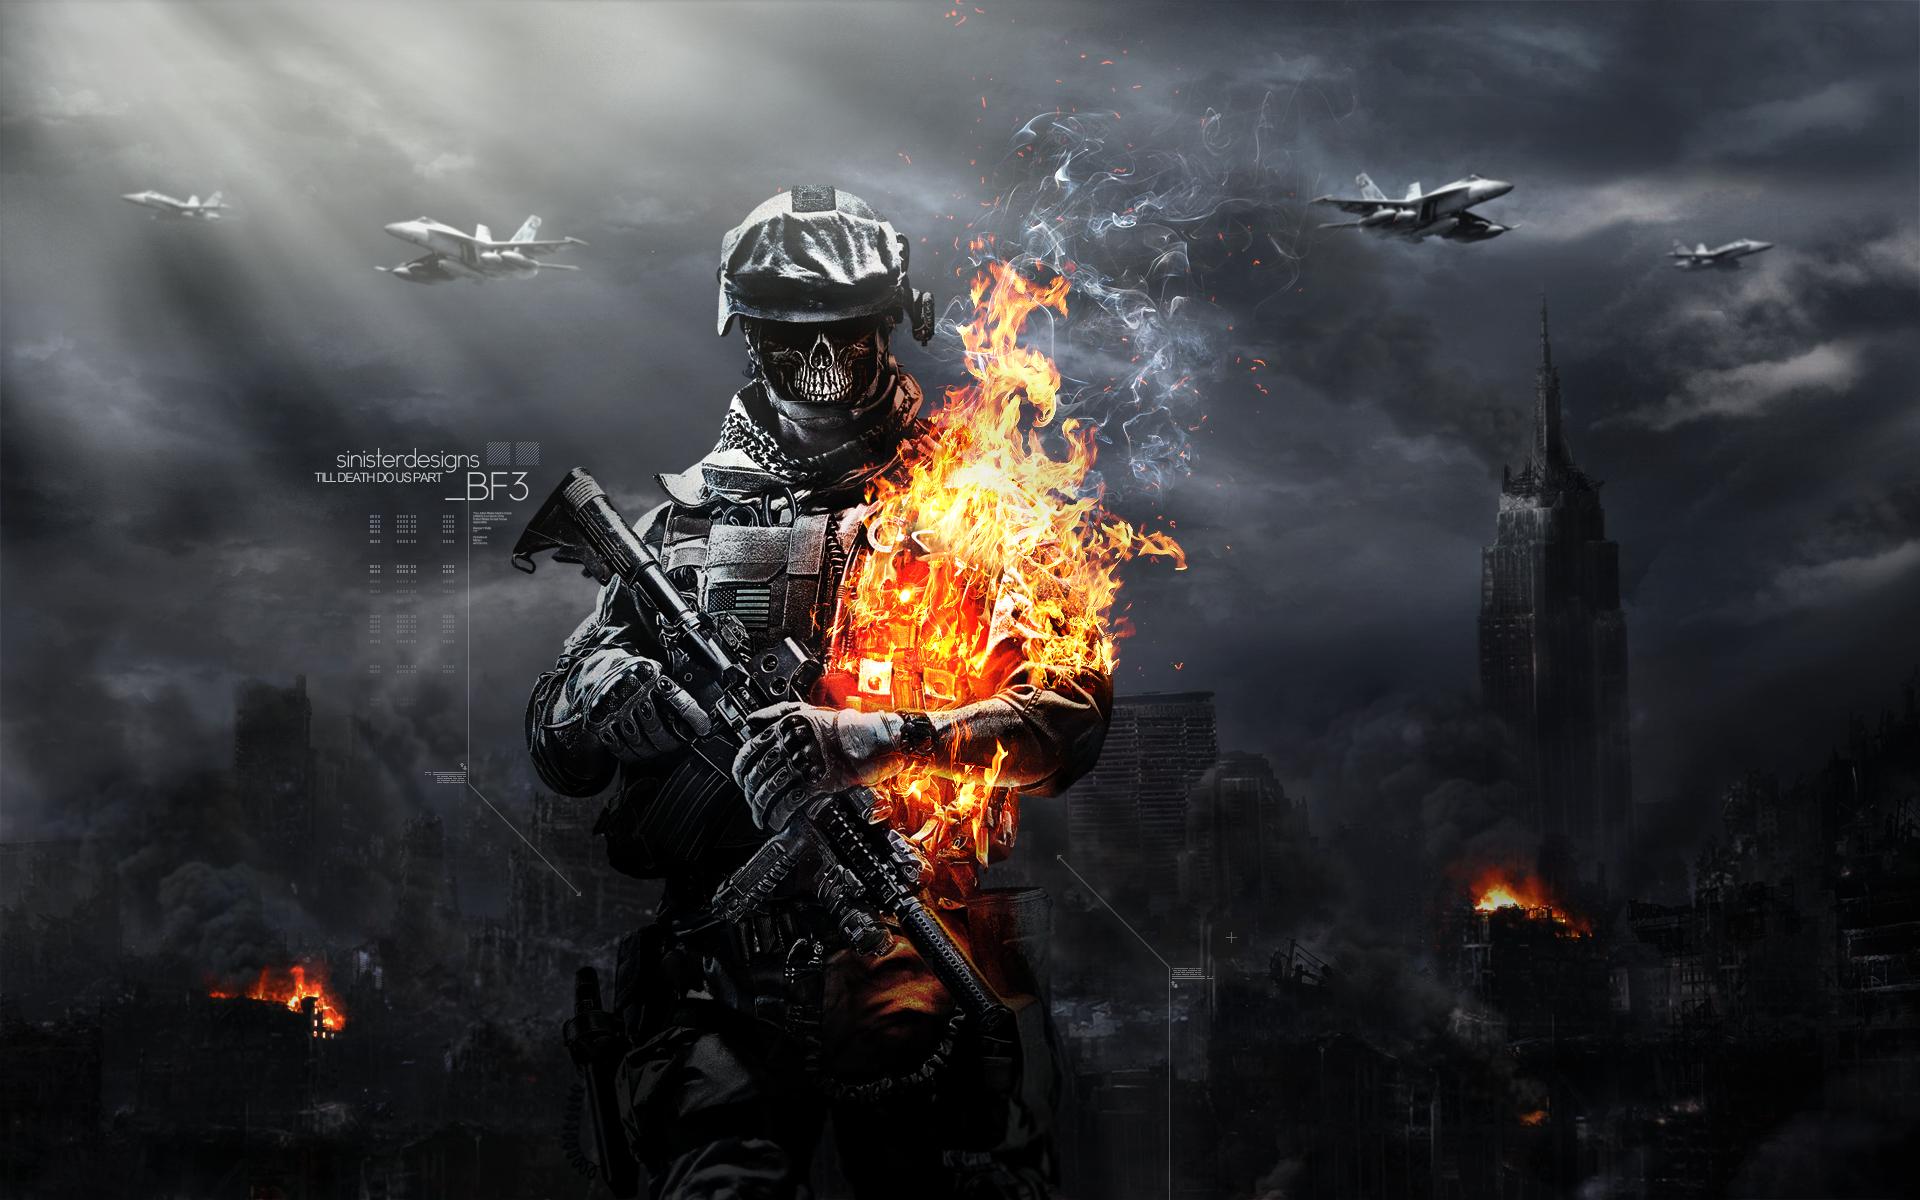 skulls fire image battlefield3 mod db